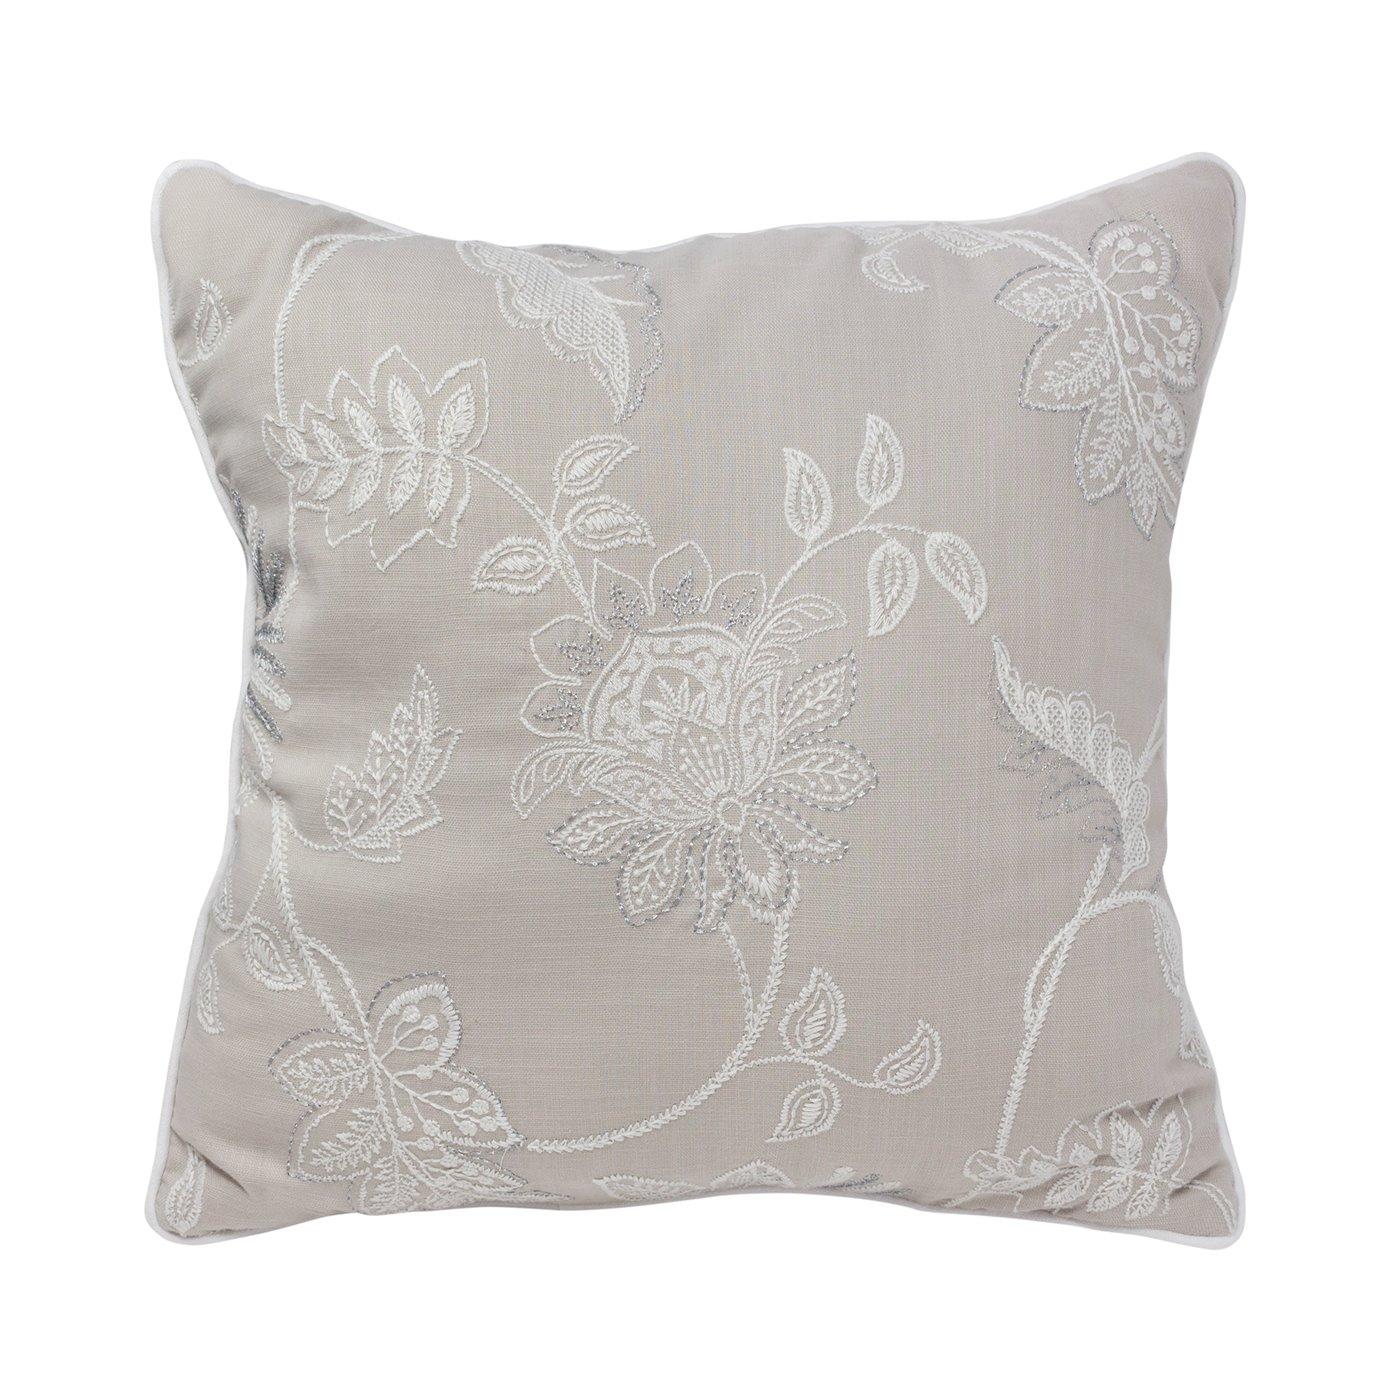 Croscill Penelope Square Pillow